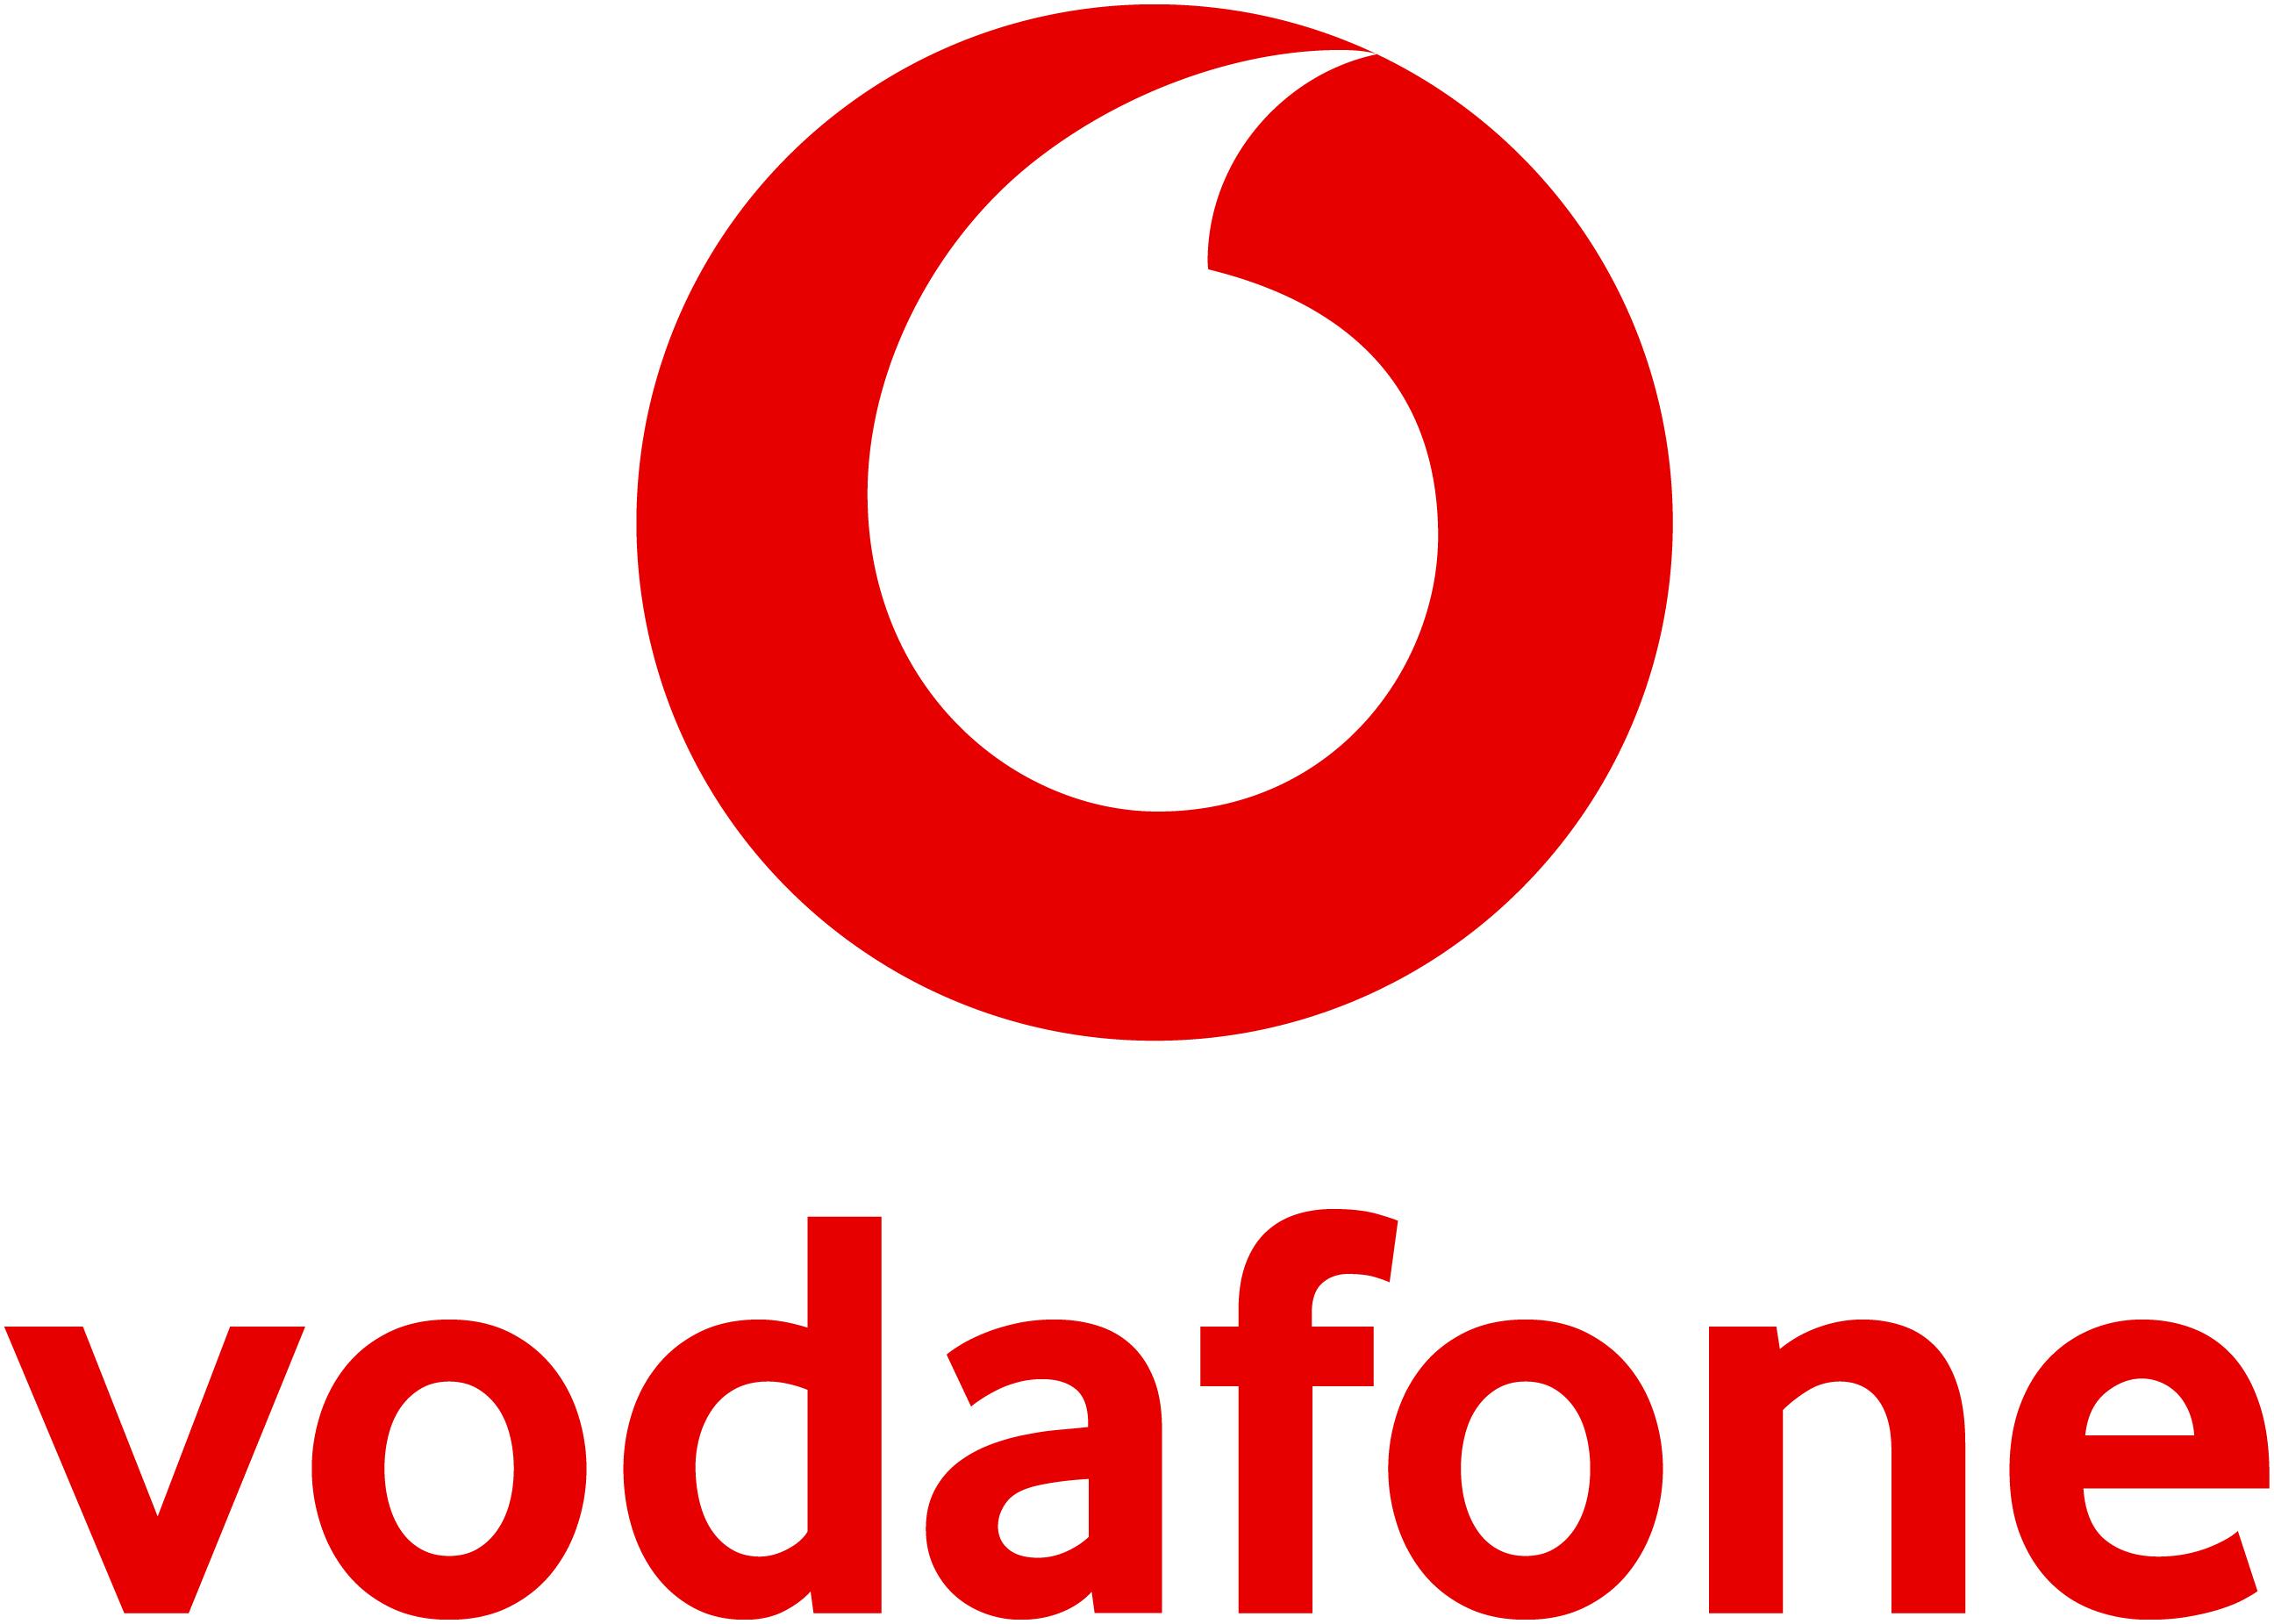 Vodafone UK Logo Image Library.